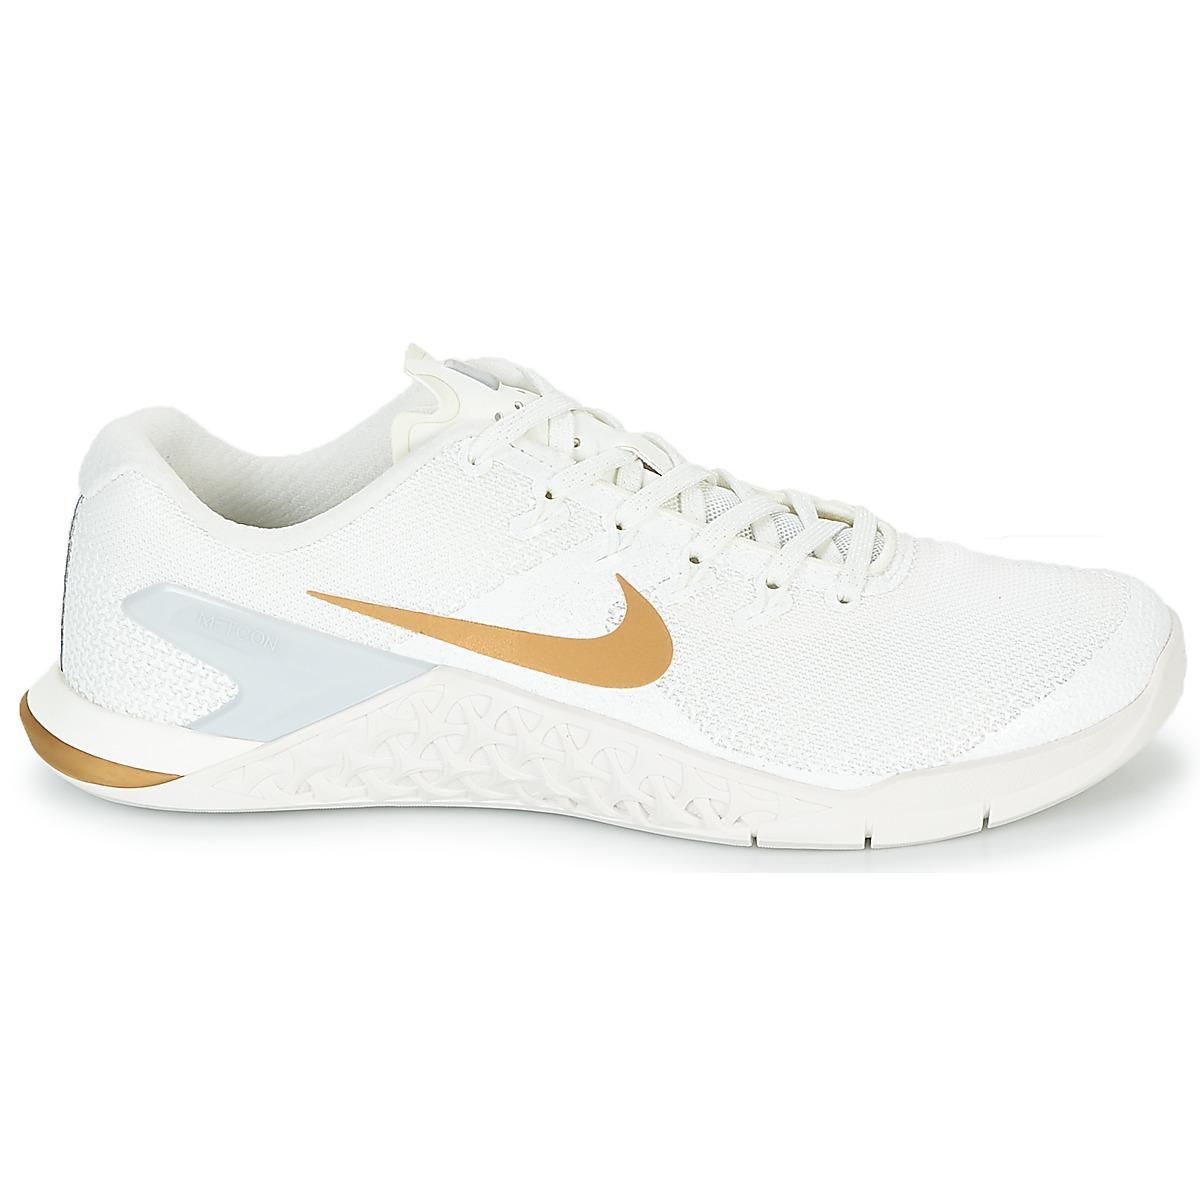 online store e073e e4cc6 Nike - Metcon 4 Champagne Womens Trainers In White - Lyst. View fullscreen